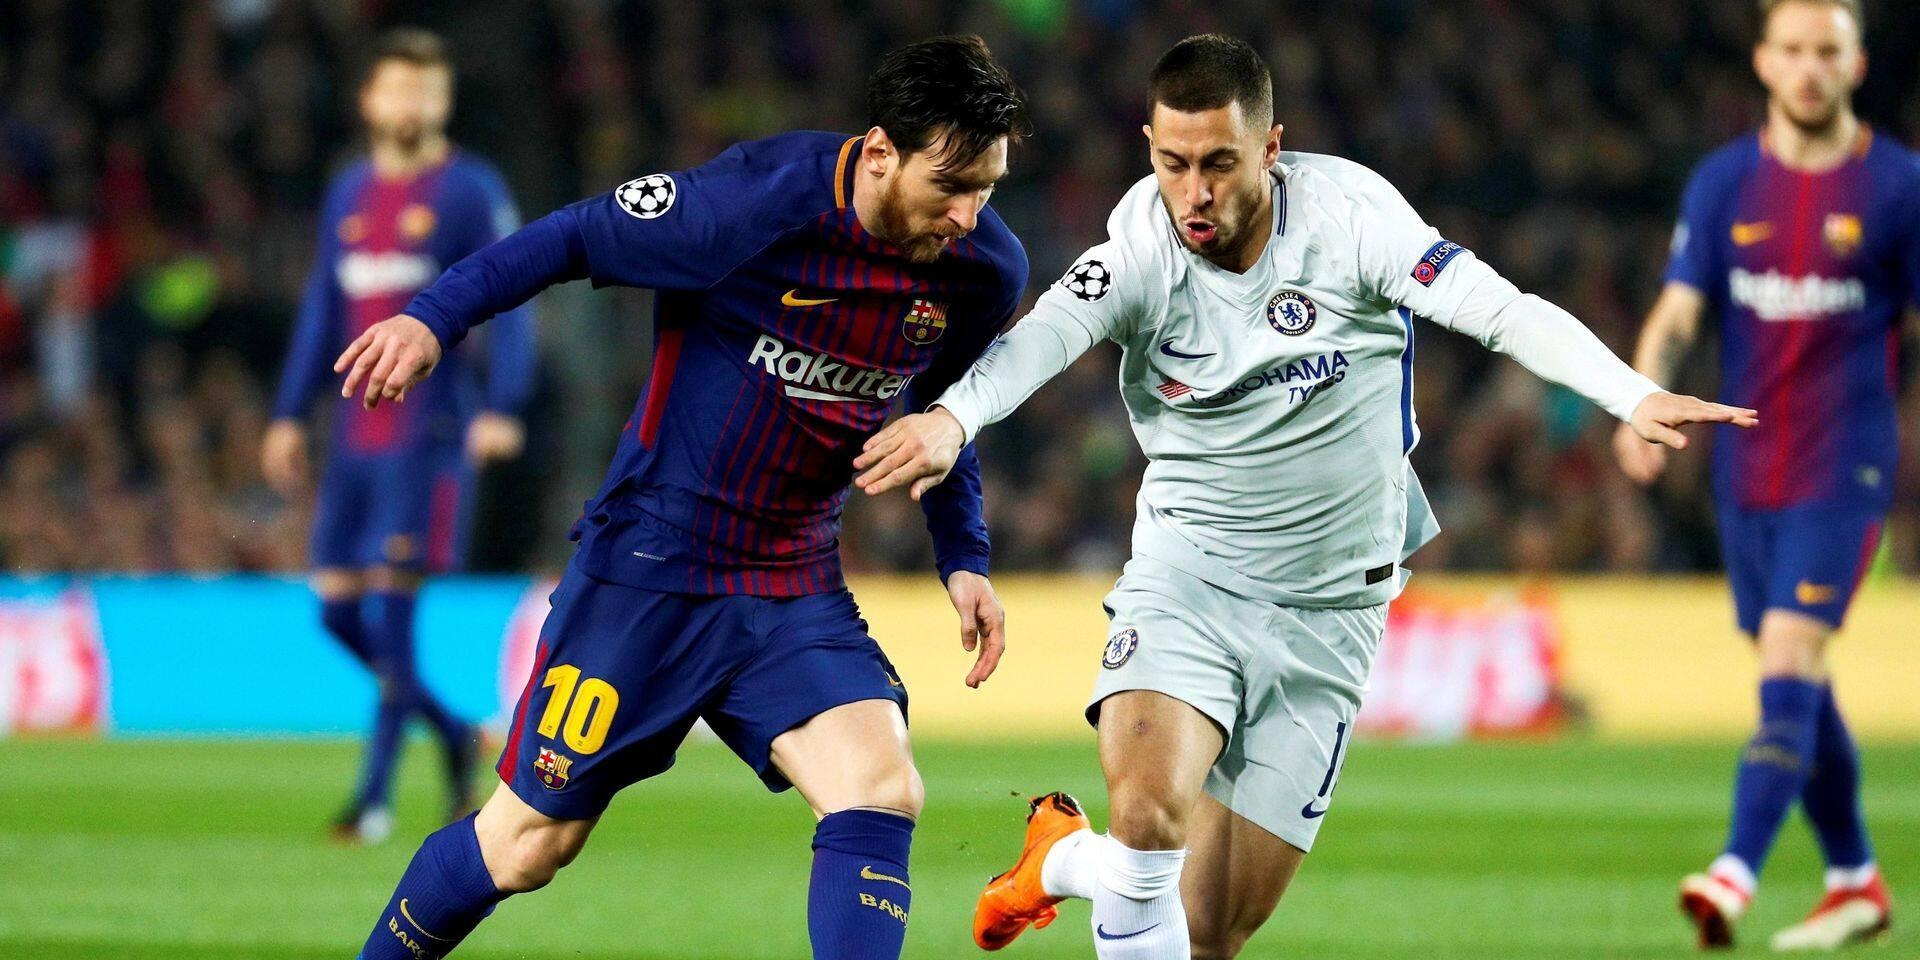 """Eden Hazard adoubé par Lionel Messi: """"C'est dur de remplacer Ronaldo, mais Hazard est lui aussi un grand joueur"""""""